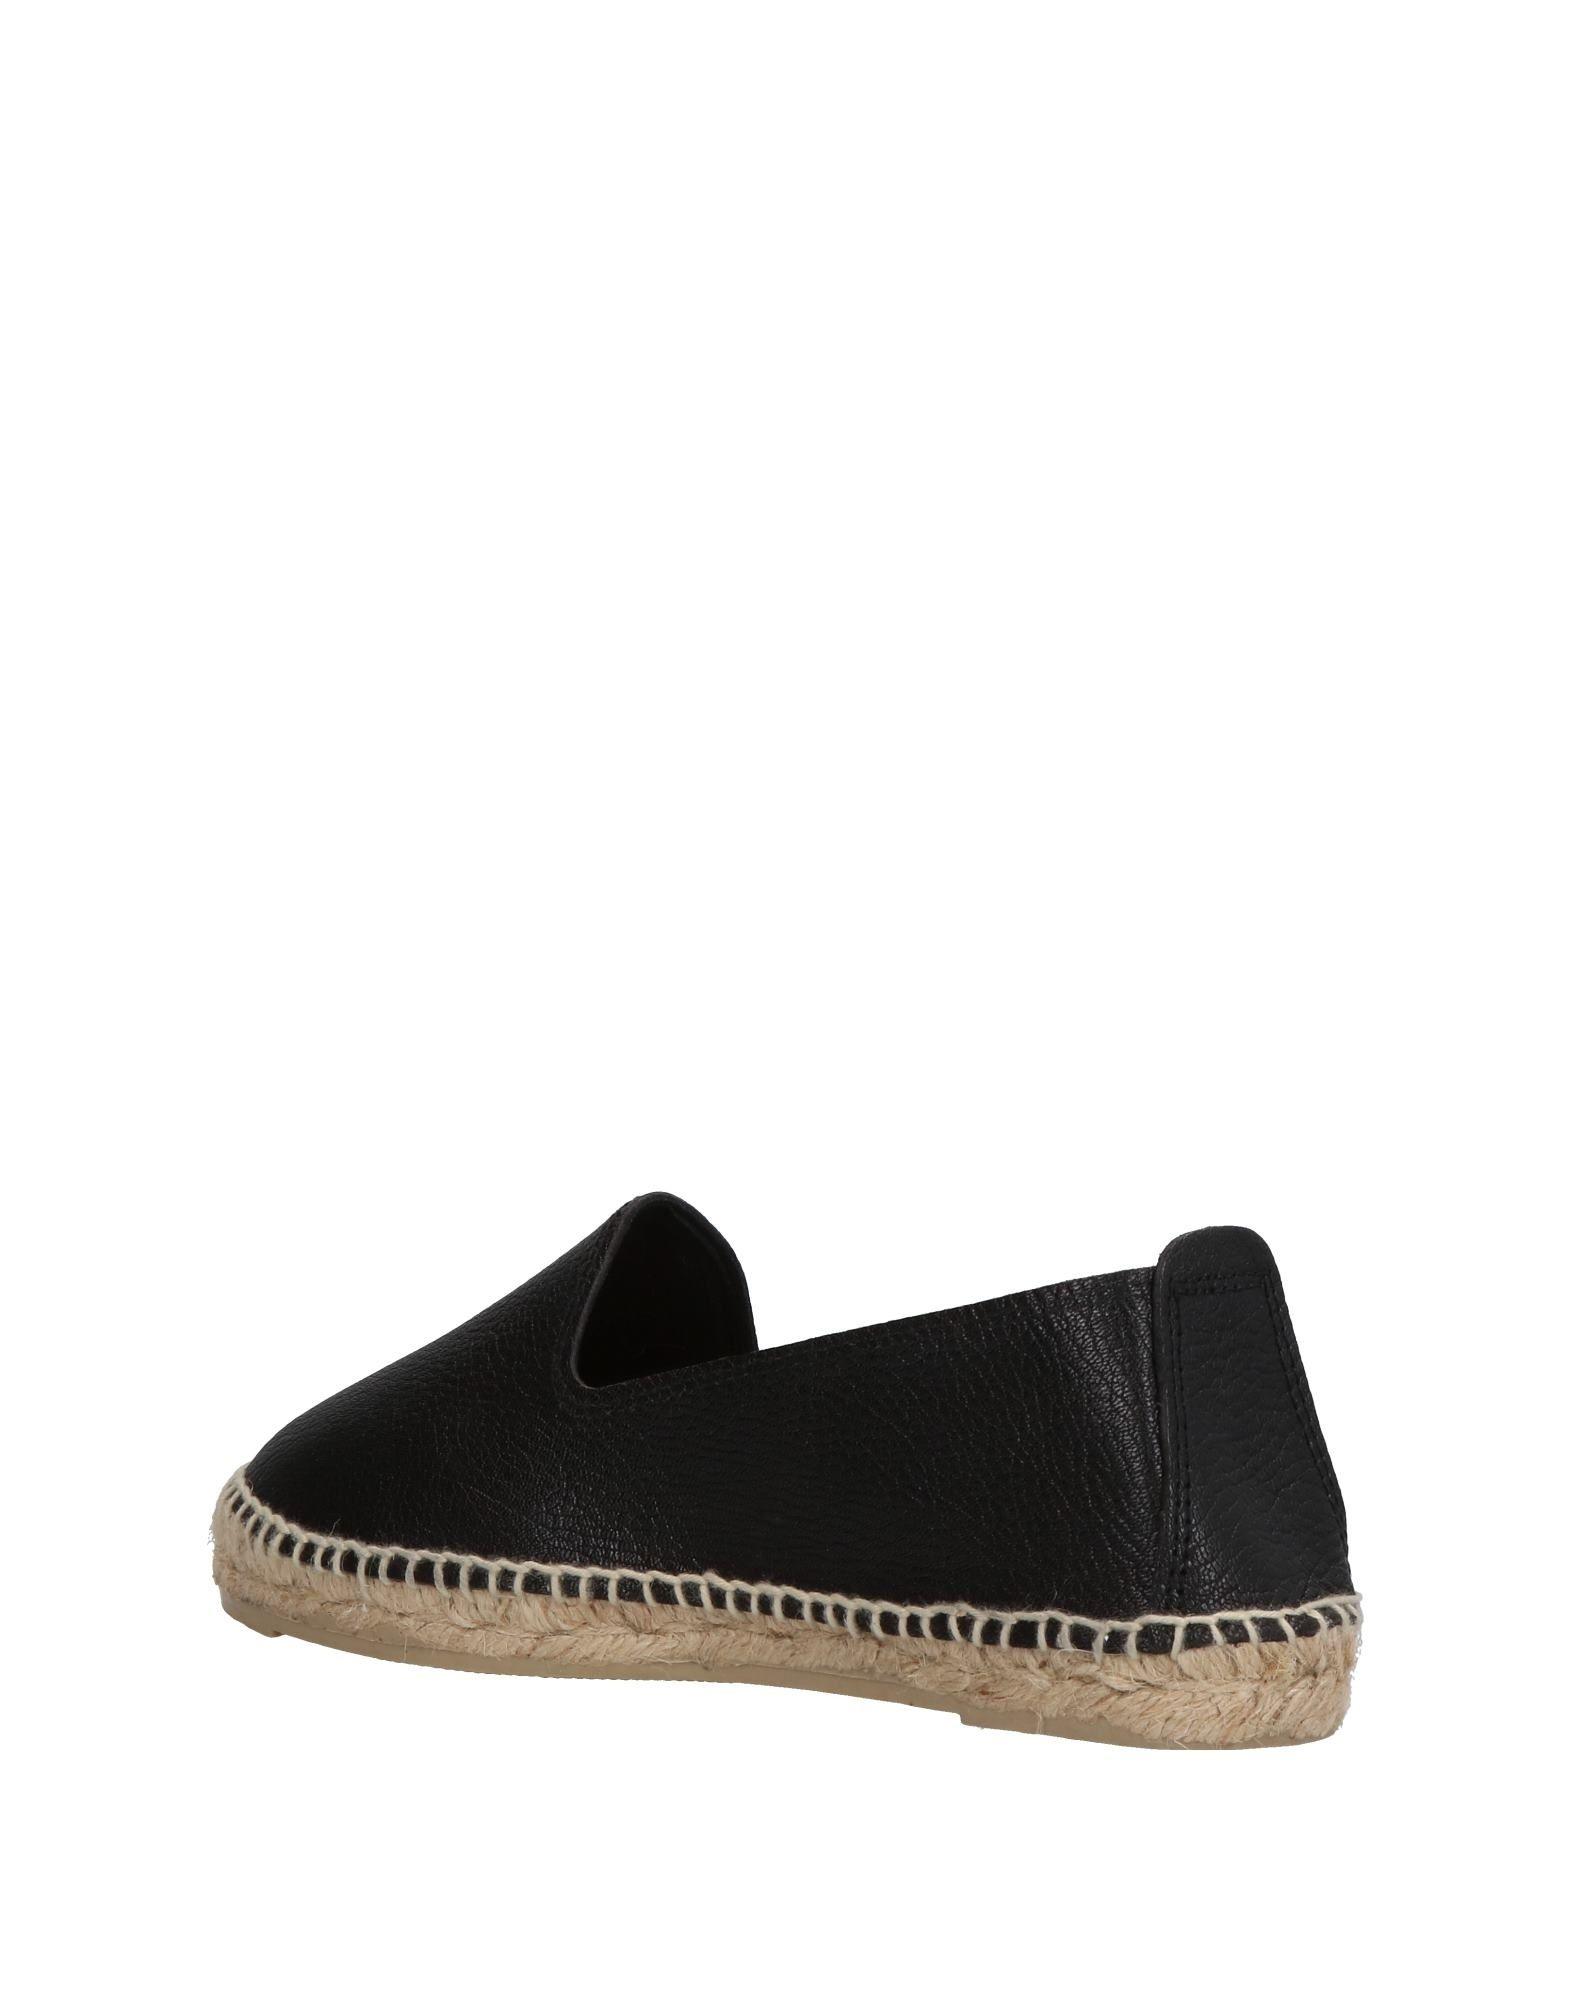 Manebí Espadrilles Damen  11328853FT Gute Qualität beliebte Schuhe